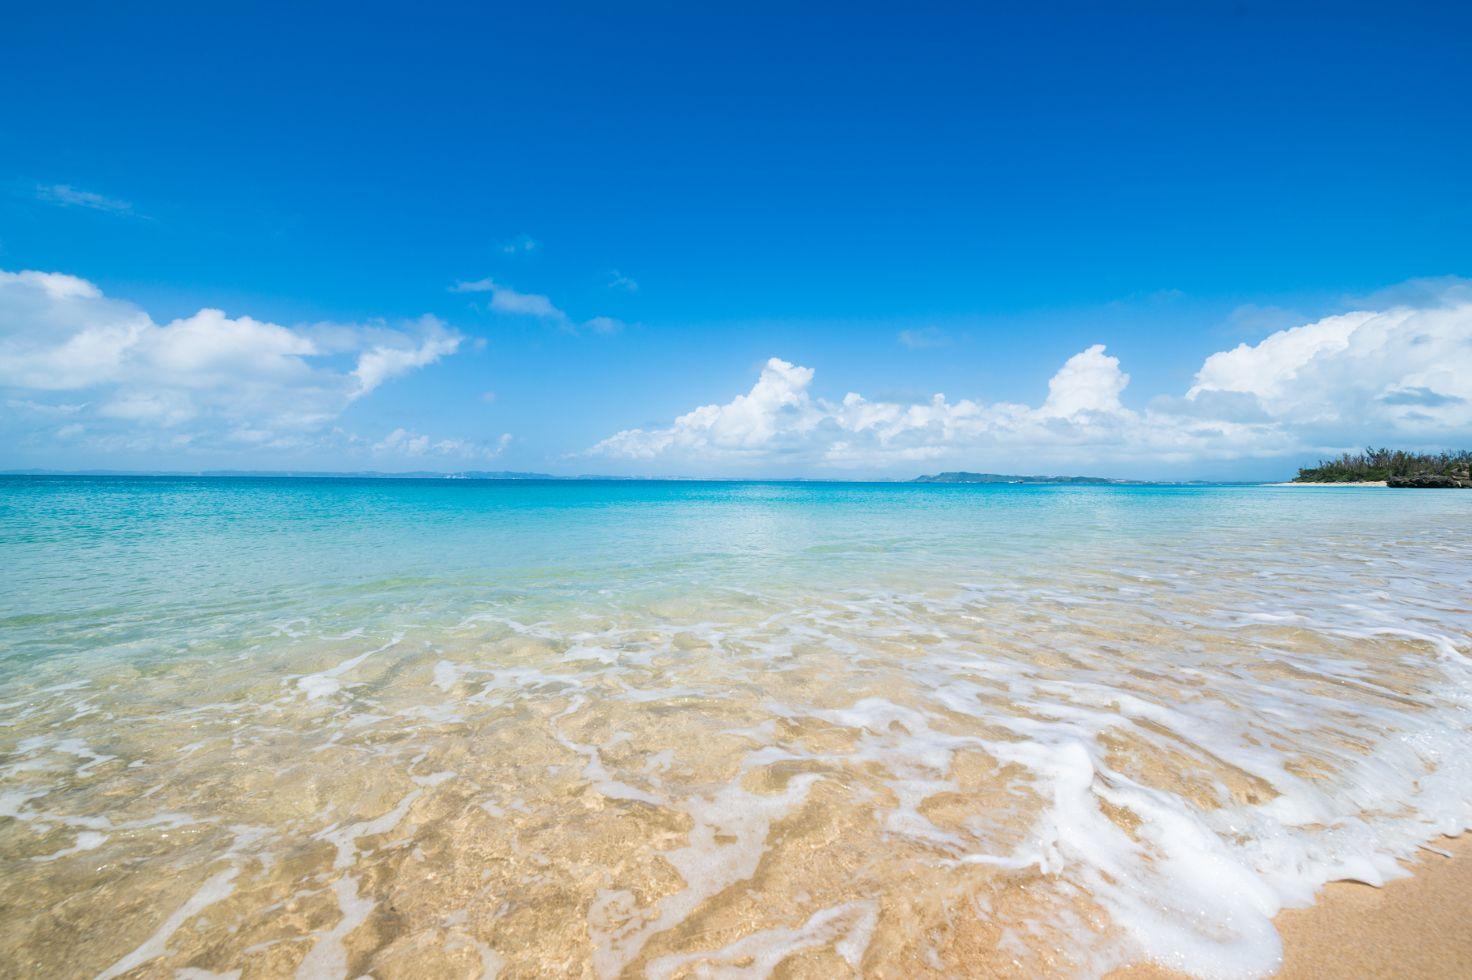 行く前に確認 有名な沖縄絶景の海ベスト5海カフェ5 2020 沖縄